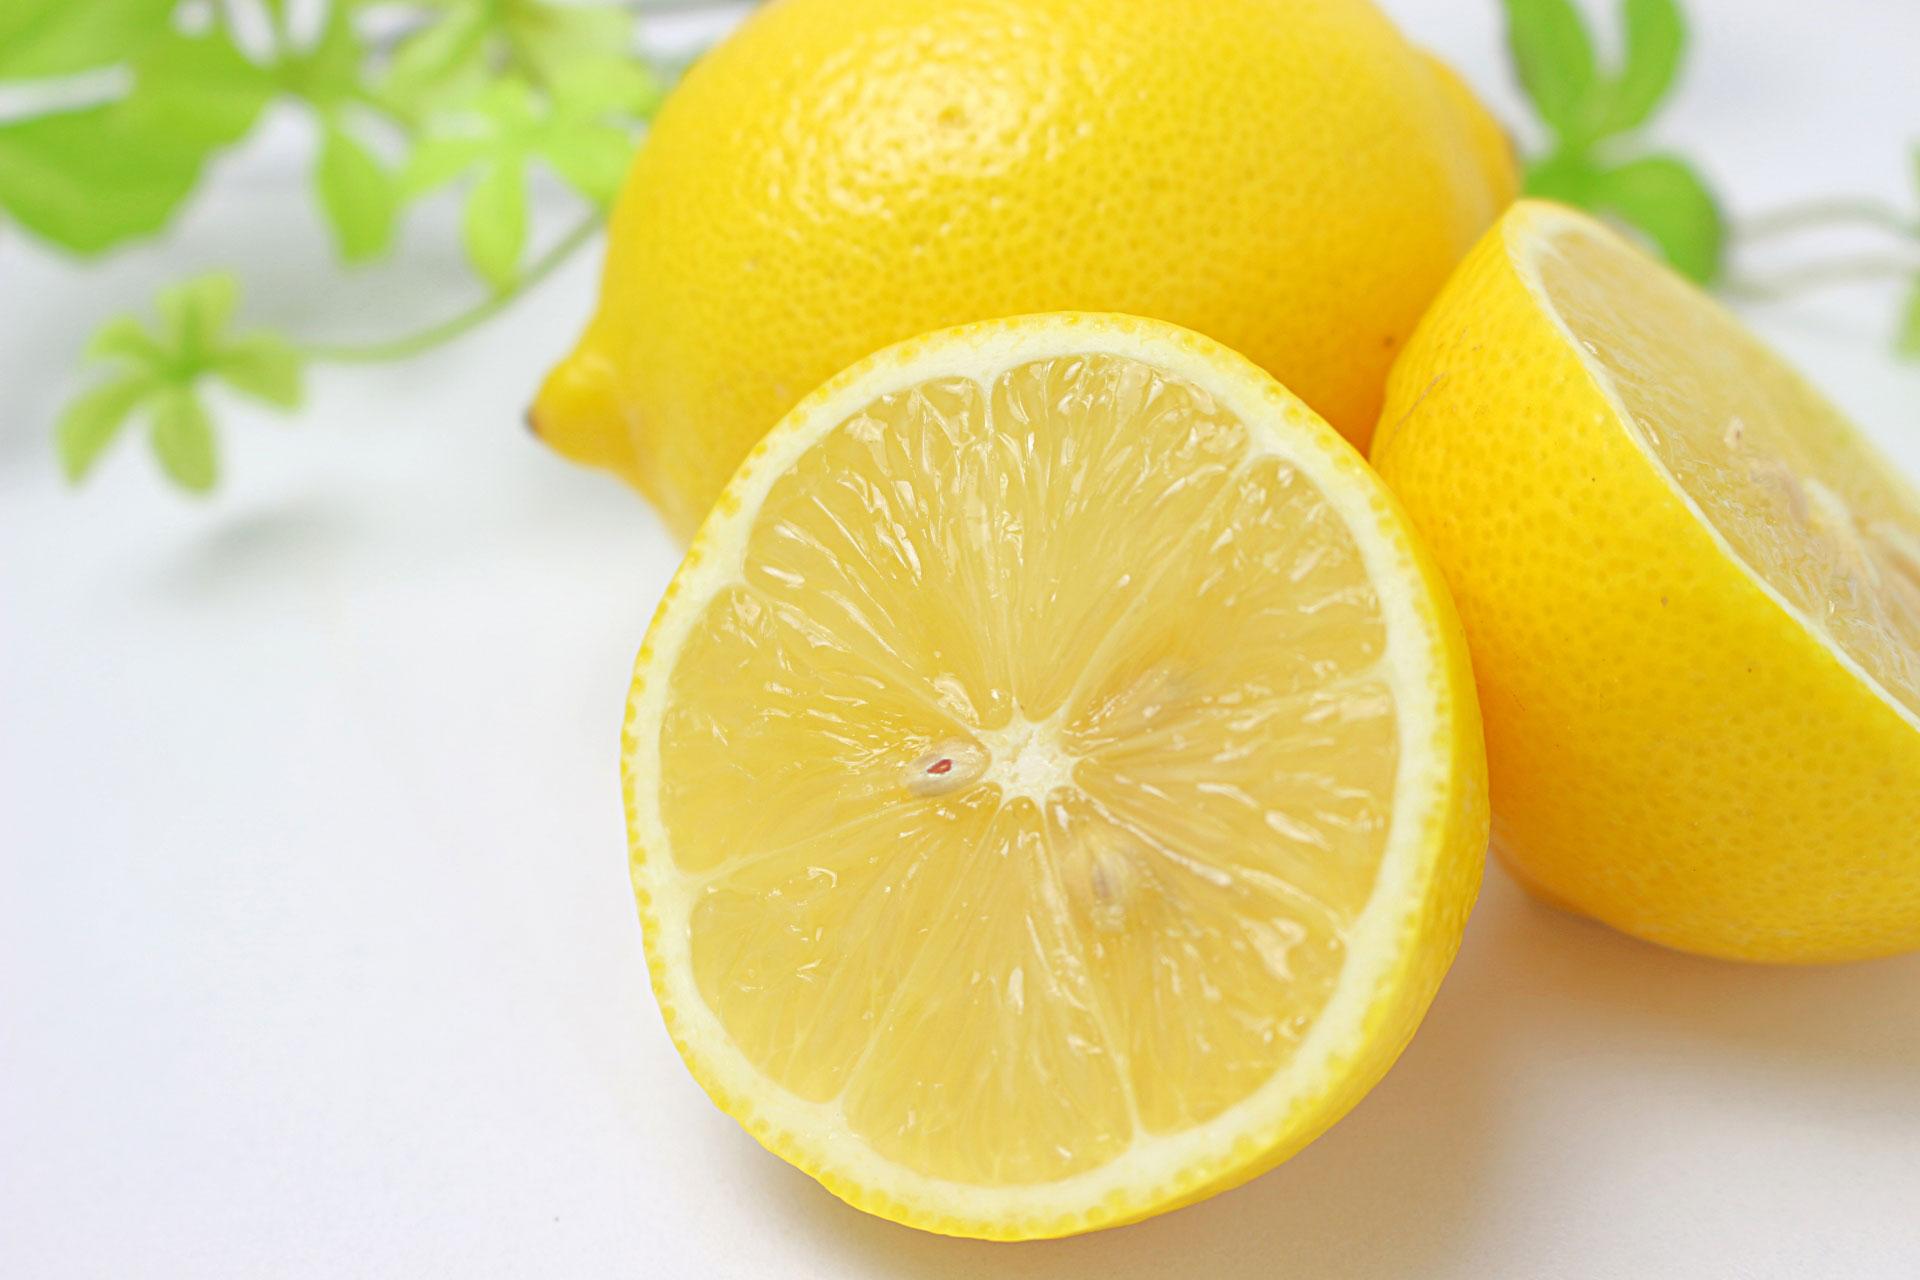 これを飲めば便秘解消⁉ 便秘を解消する飲み物について徹底解説!レモン白湯